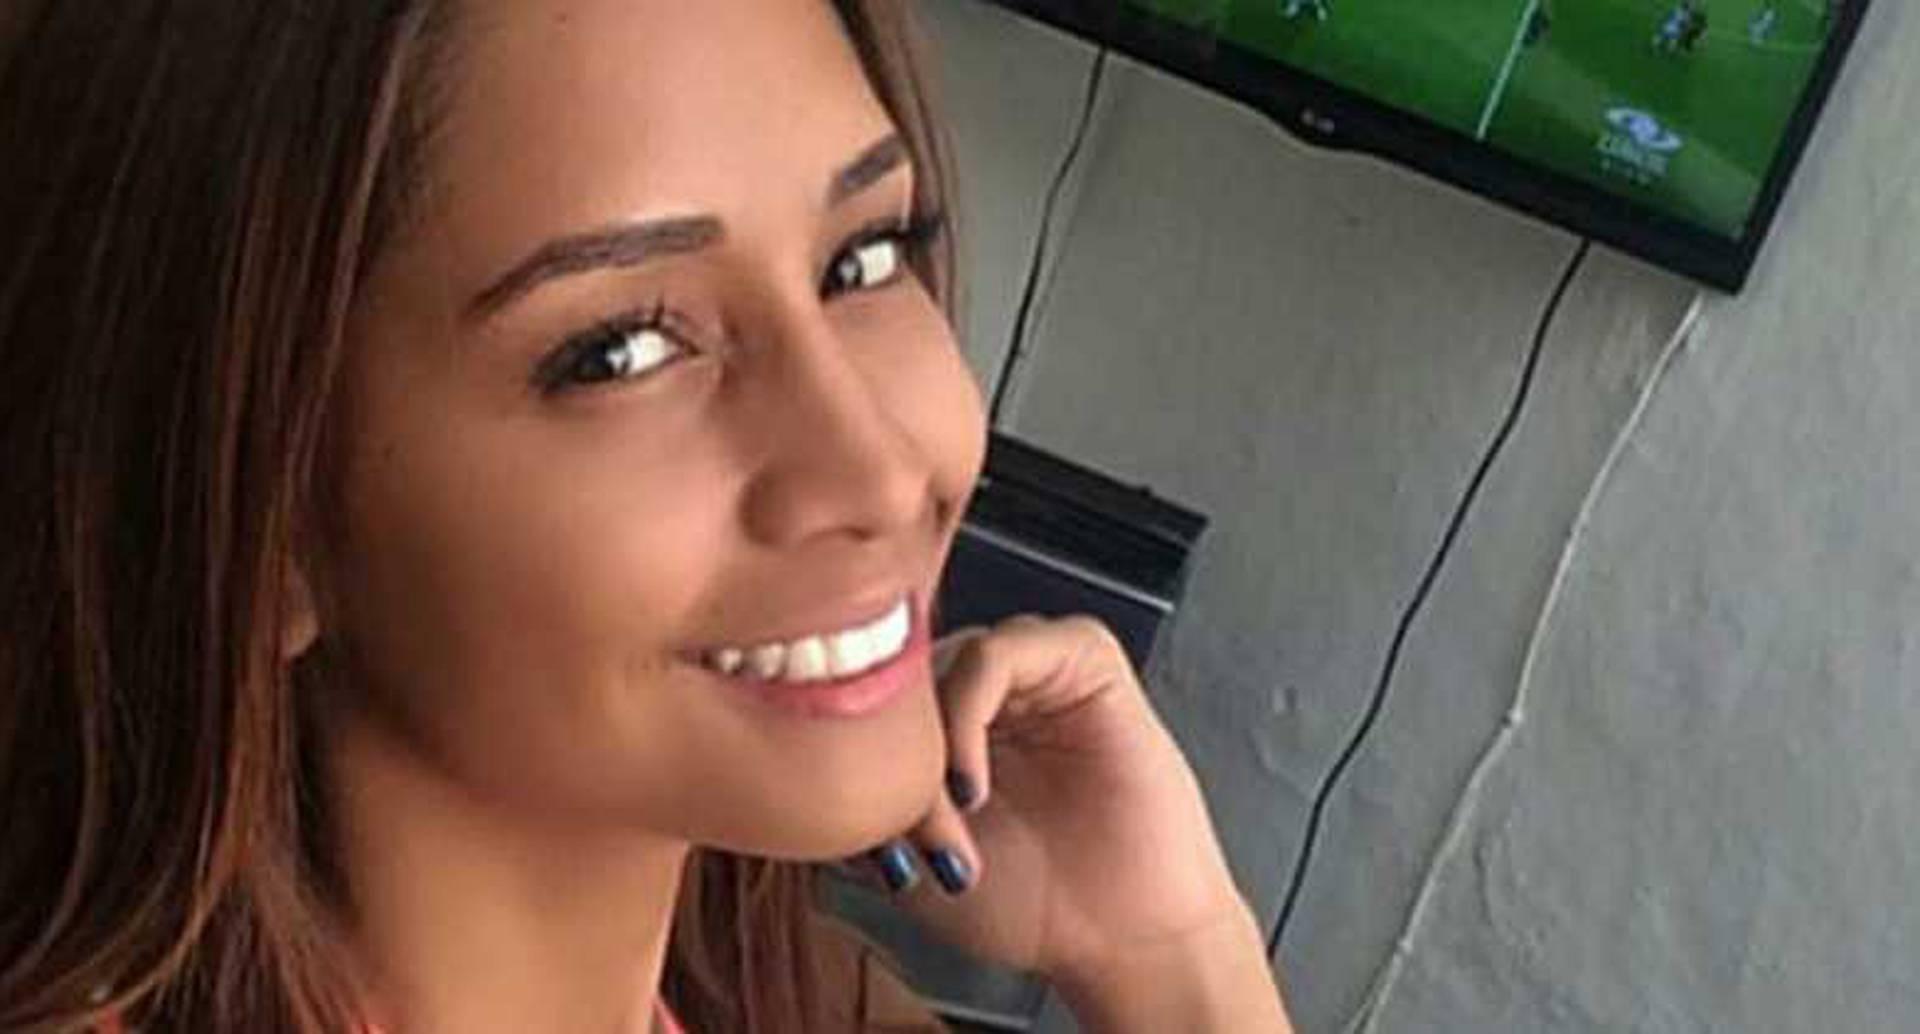 La mujer dijo que tomó la decisión de transportar droga porque no contaba con el dinero suficiente para costear su participación en el concurso Miss Mundo, Antioquia.